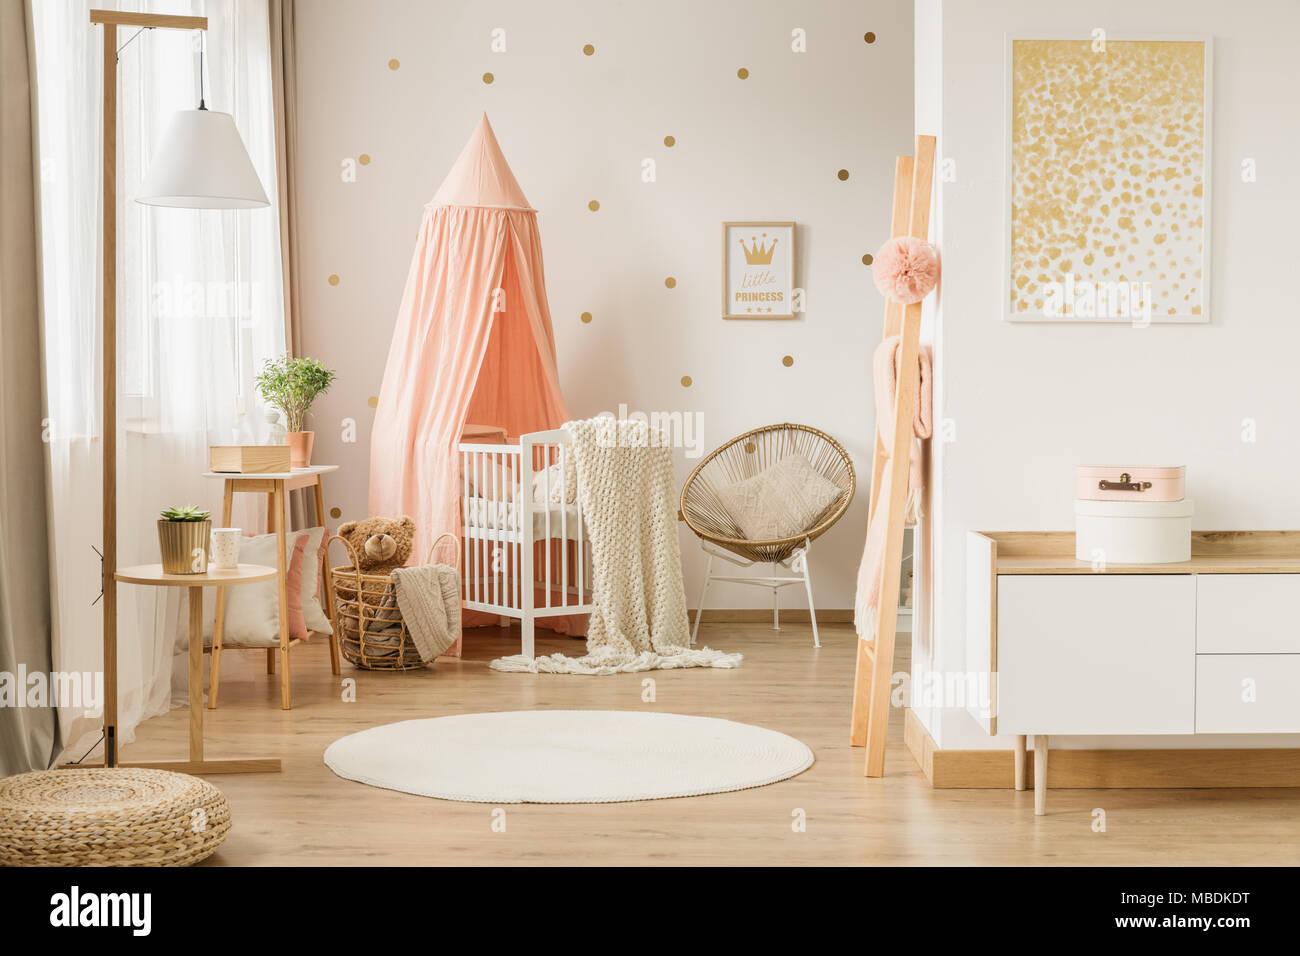 Bianca, rotonda rug e pittura in rosa e oro kid\'s interiore camera ...